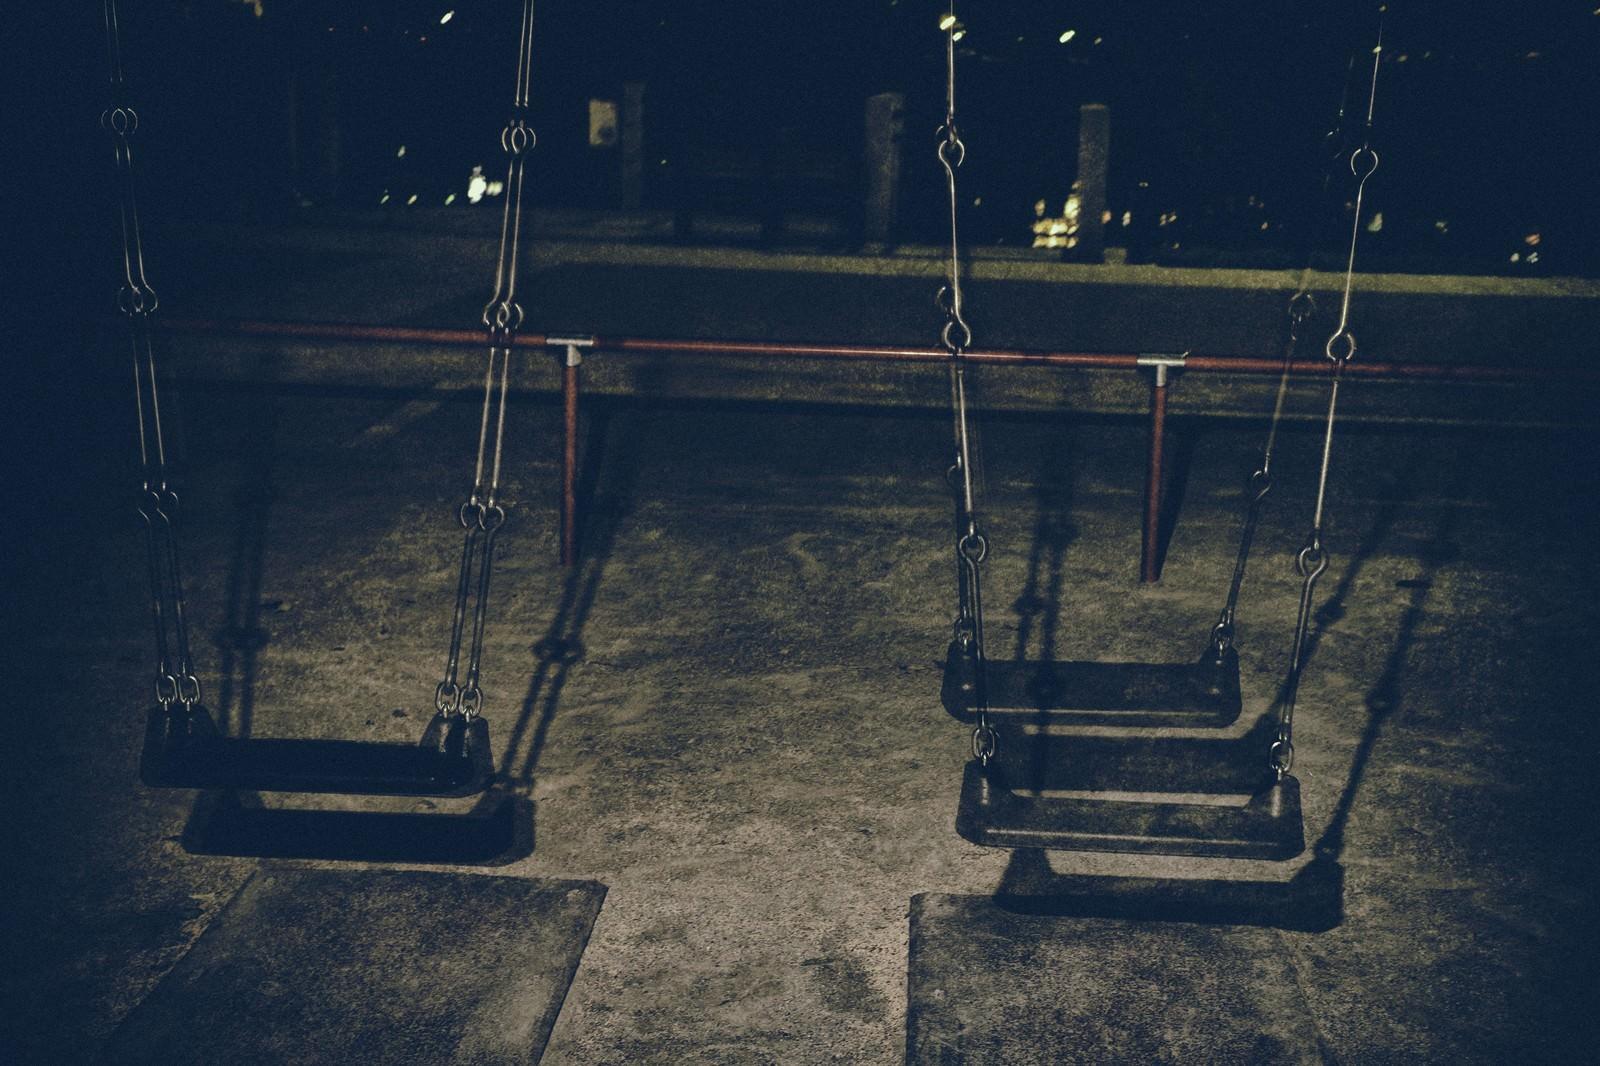 「深夜の公園のブランコ」の写真